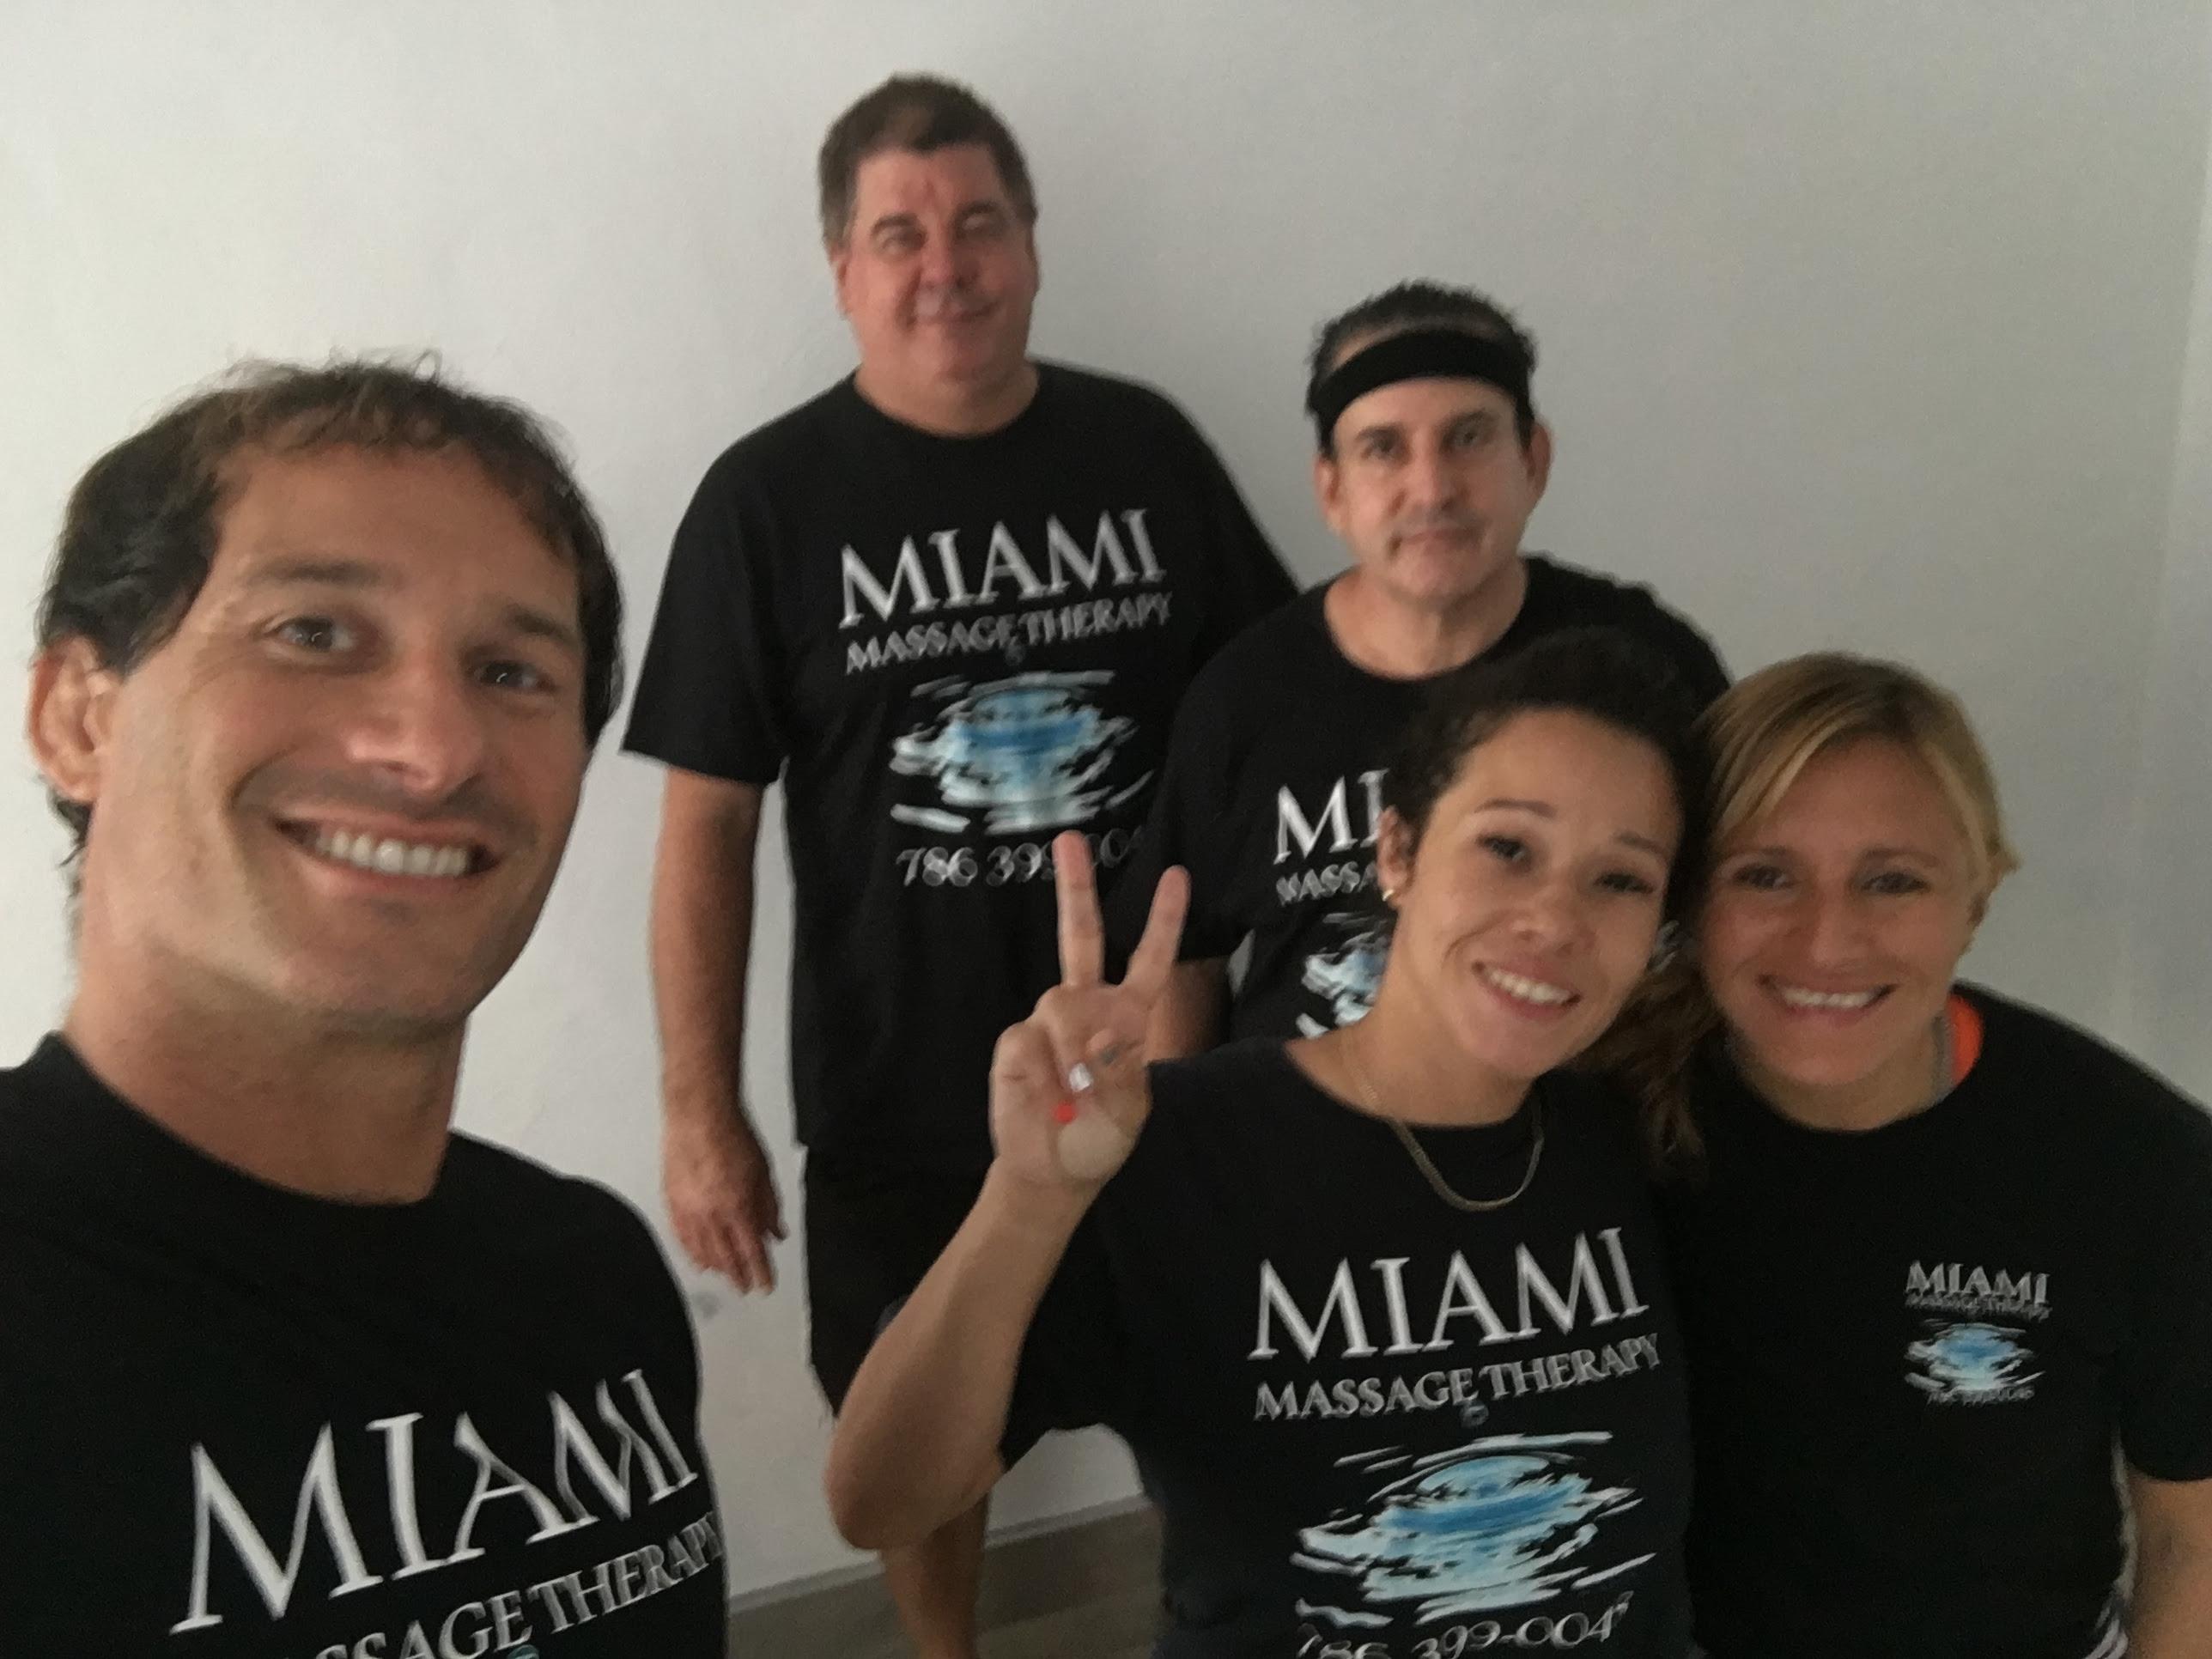 Miami Massage Therapy in Miami Beach, FL - (786) 399-0...